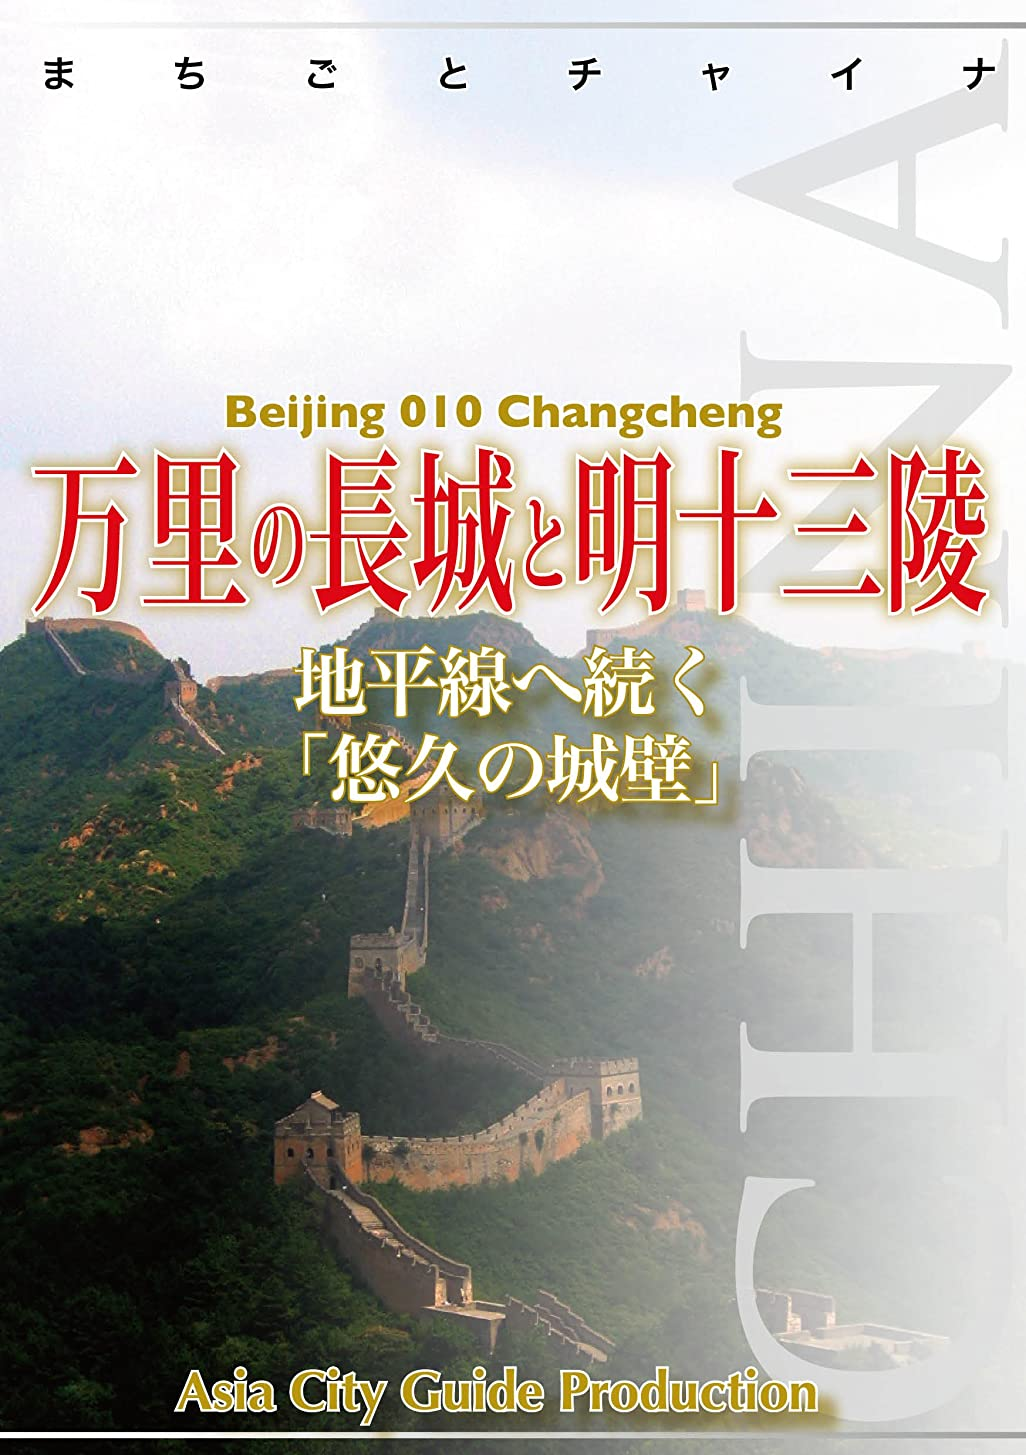 排他的置くためにパック二次北京010万里の長城と明十三陵 ~地平線へ続く「悠久の城壁」 まちごとチャイナ